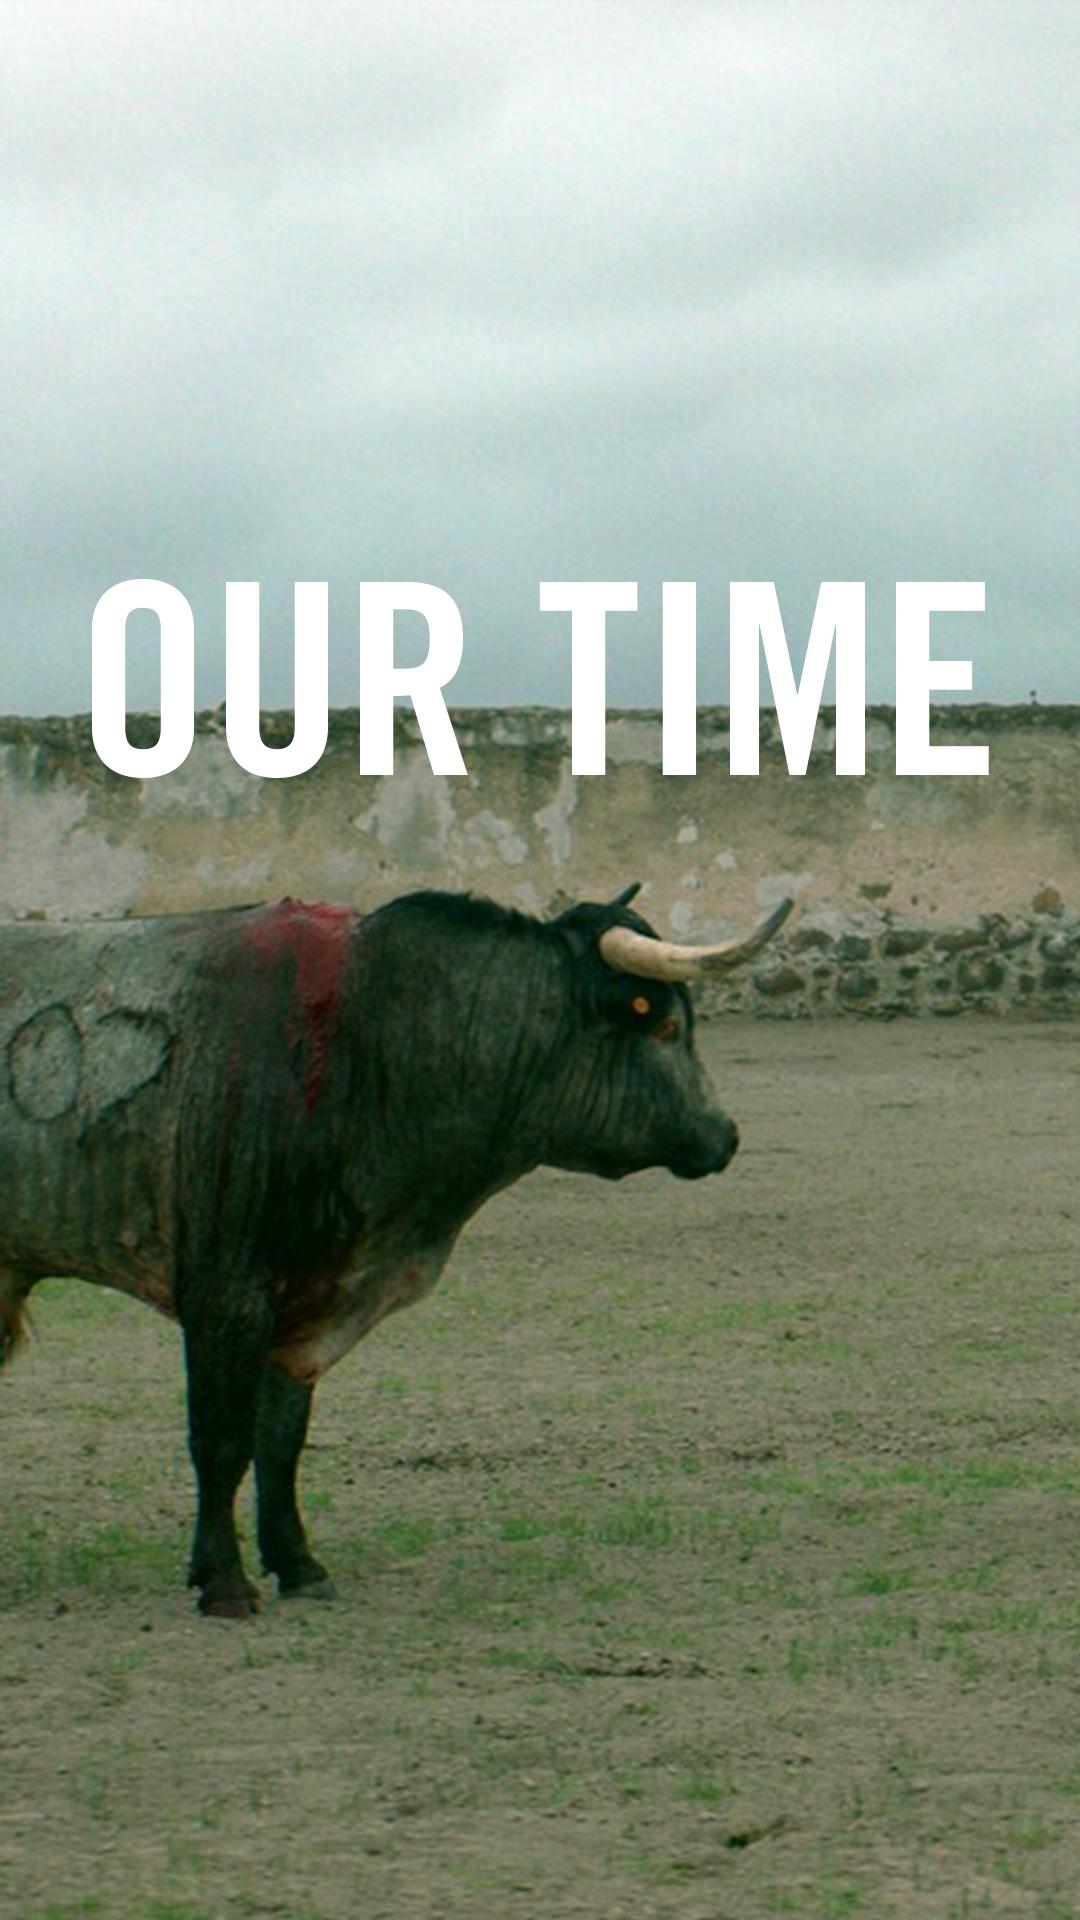 ourtimebull.jpg